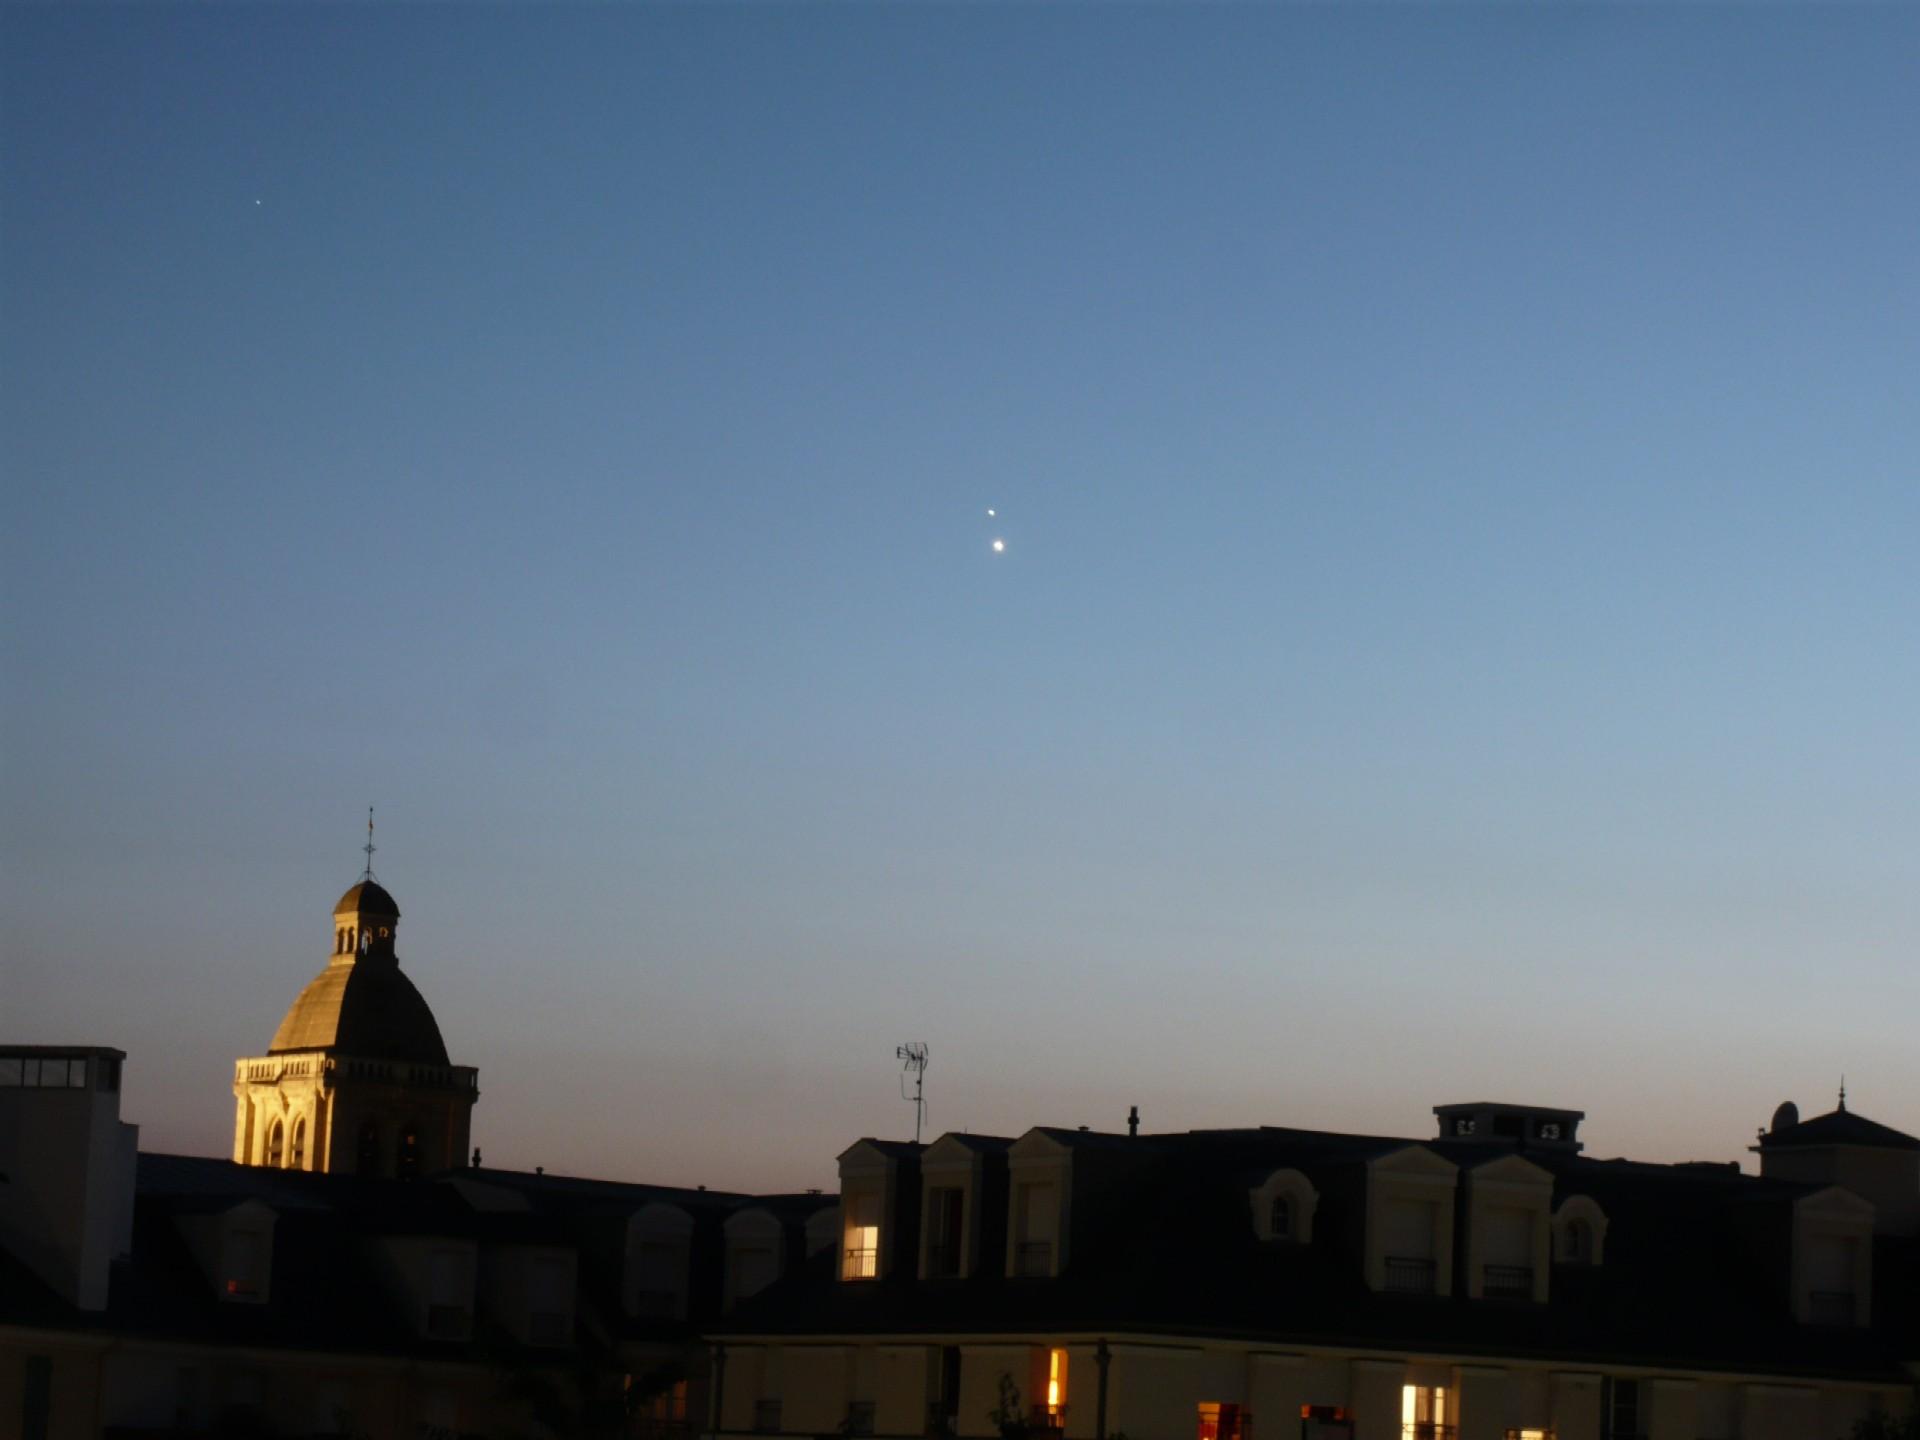 Le clocher de Saint-Nicolas dépasse encore des toits